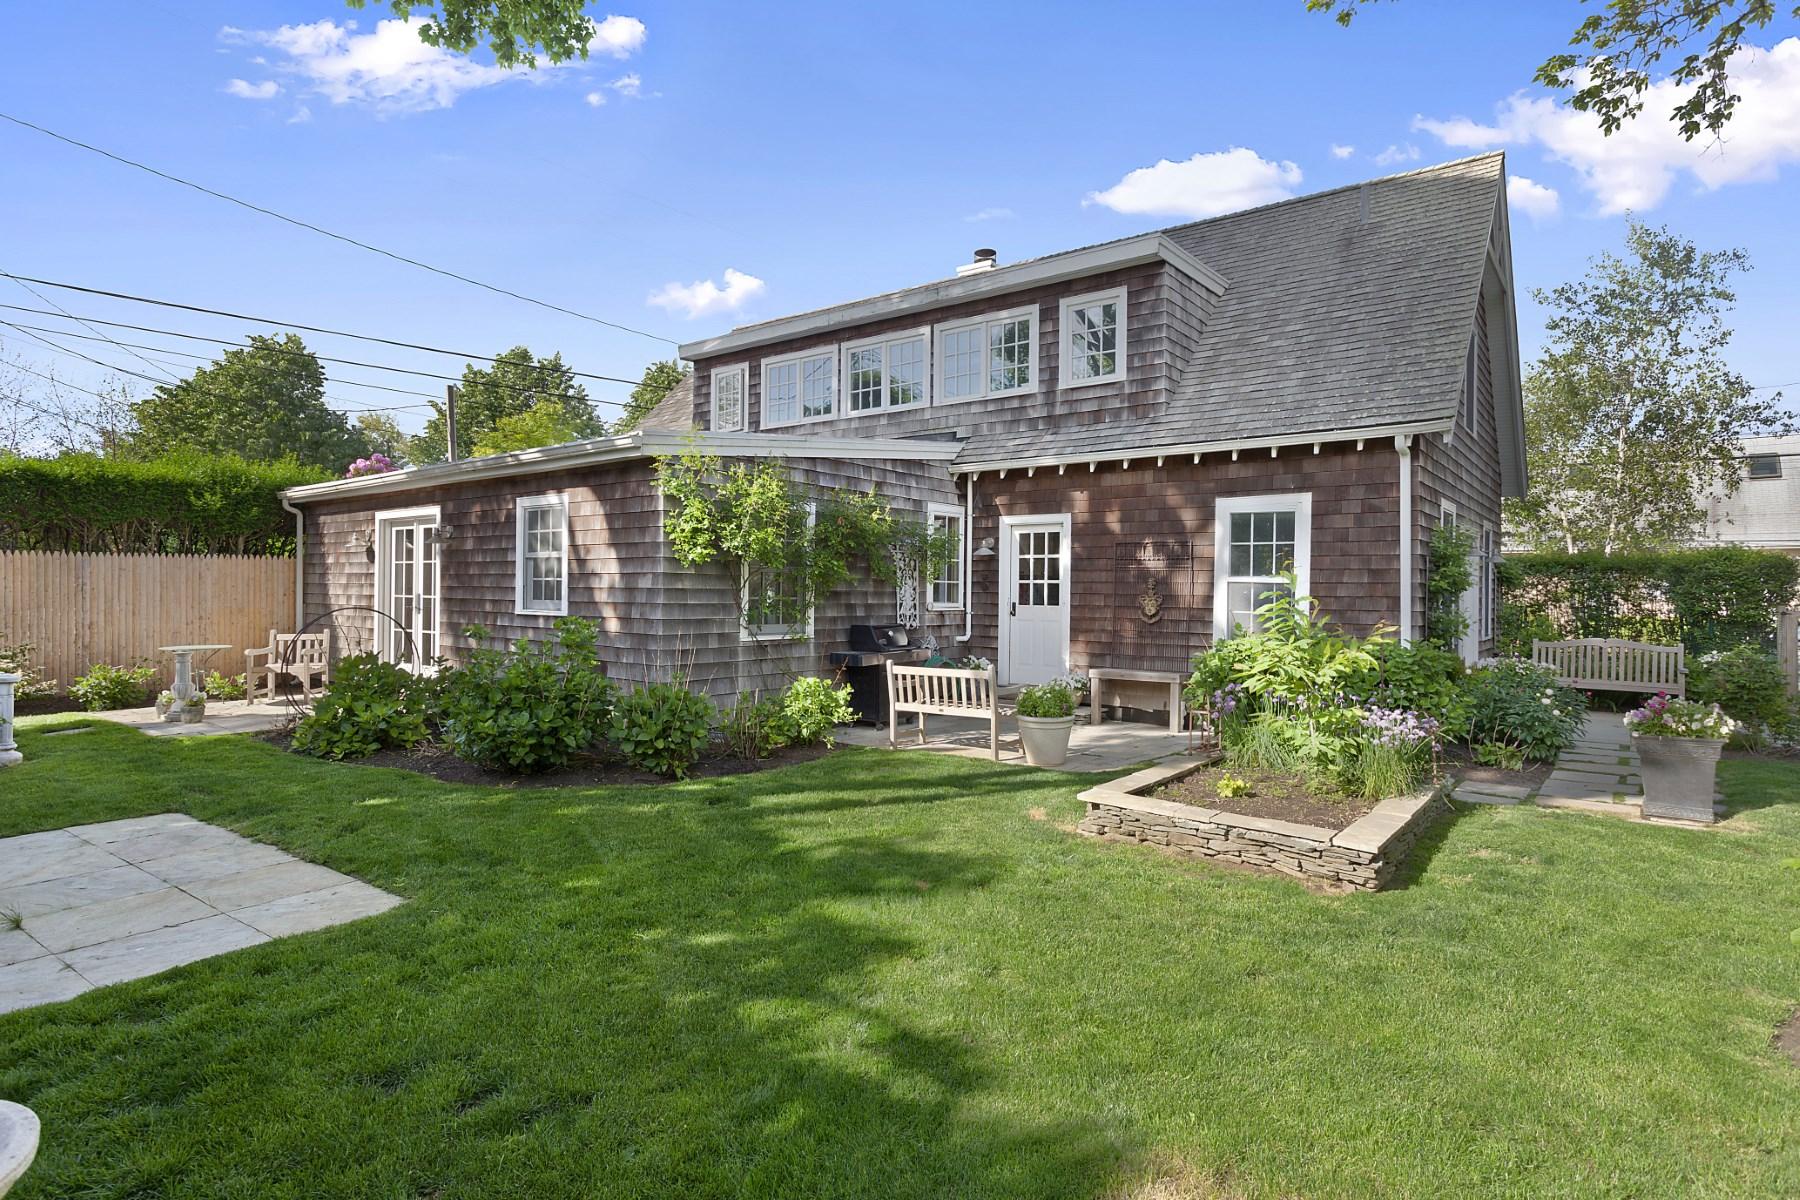 Nhà ở một gia đình vì Bán tại Charming Cottage, Bridgehampton Village 154 Corwith Avenue Bridgehampton, New York 11932 Hoa Kỳ